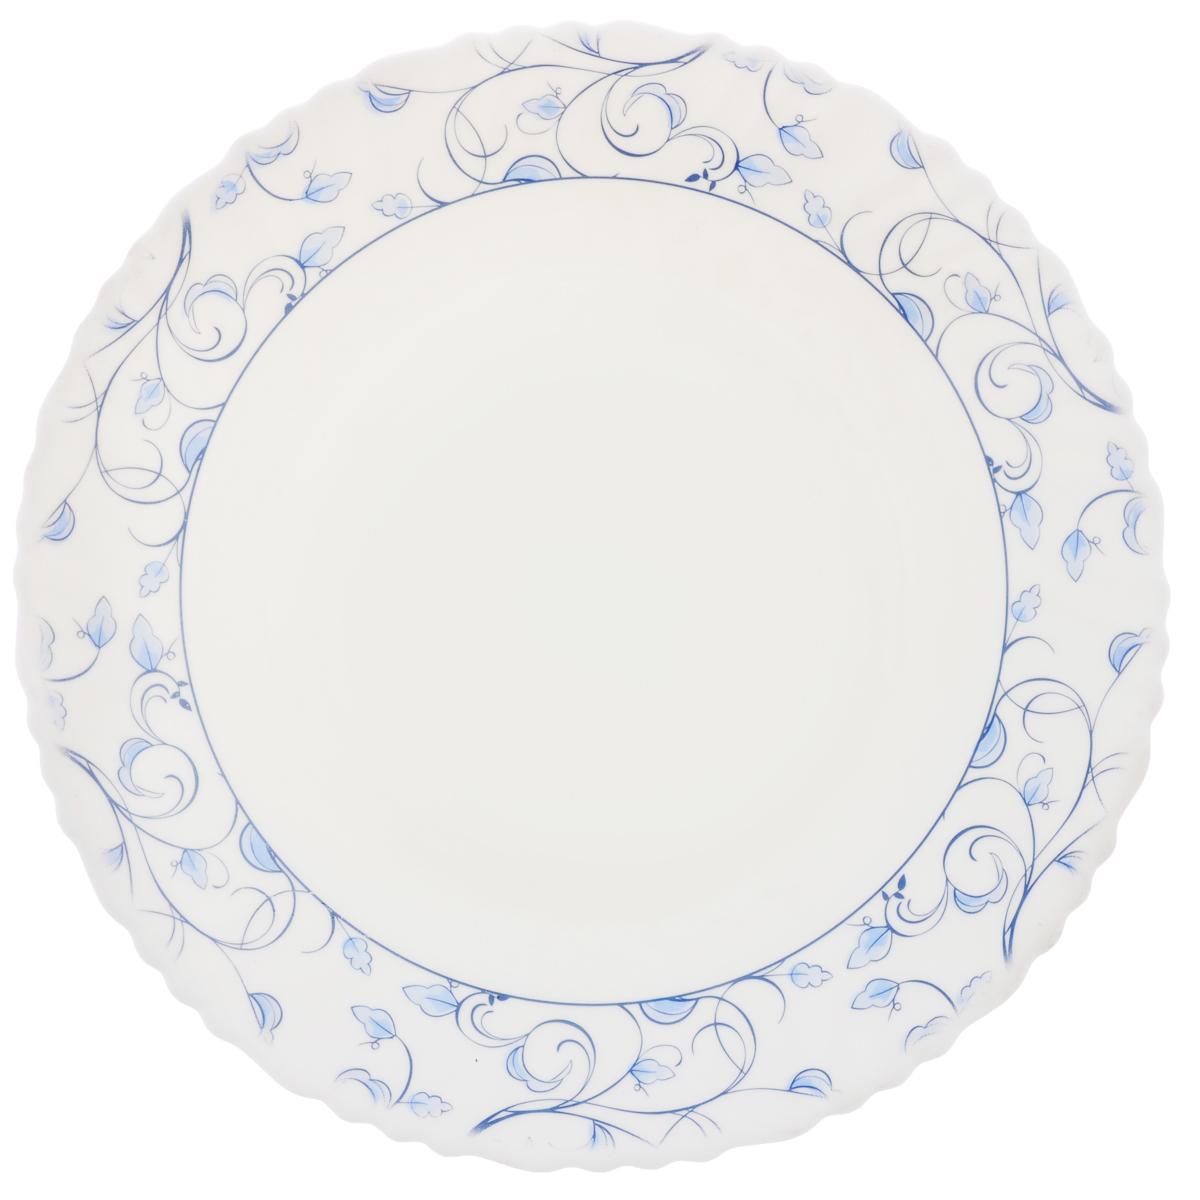 Тарелка обеденная Chinbull Нормандия, диаметр 24 см070302Обеденная тарелка Chinbull Нормандия, изготовленная из высококачественной стеклокерамики, украшена ярким цветочным рисунком. Изящный дизайн придется по вкусу и ценителям классики, и тем, кто предпочитает утонченность. Тарелка Chinbull Нормандия идеально подойдет для сервировки стола и станет отличным подарком к любому празднику.Диаметр (по верхнему краю): 24 см.